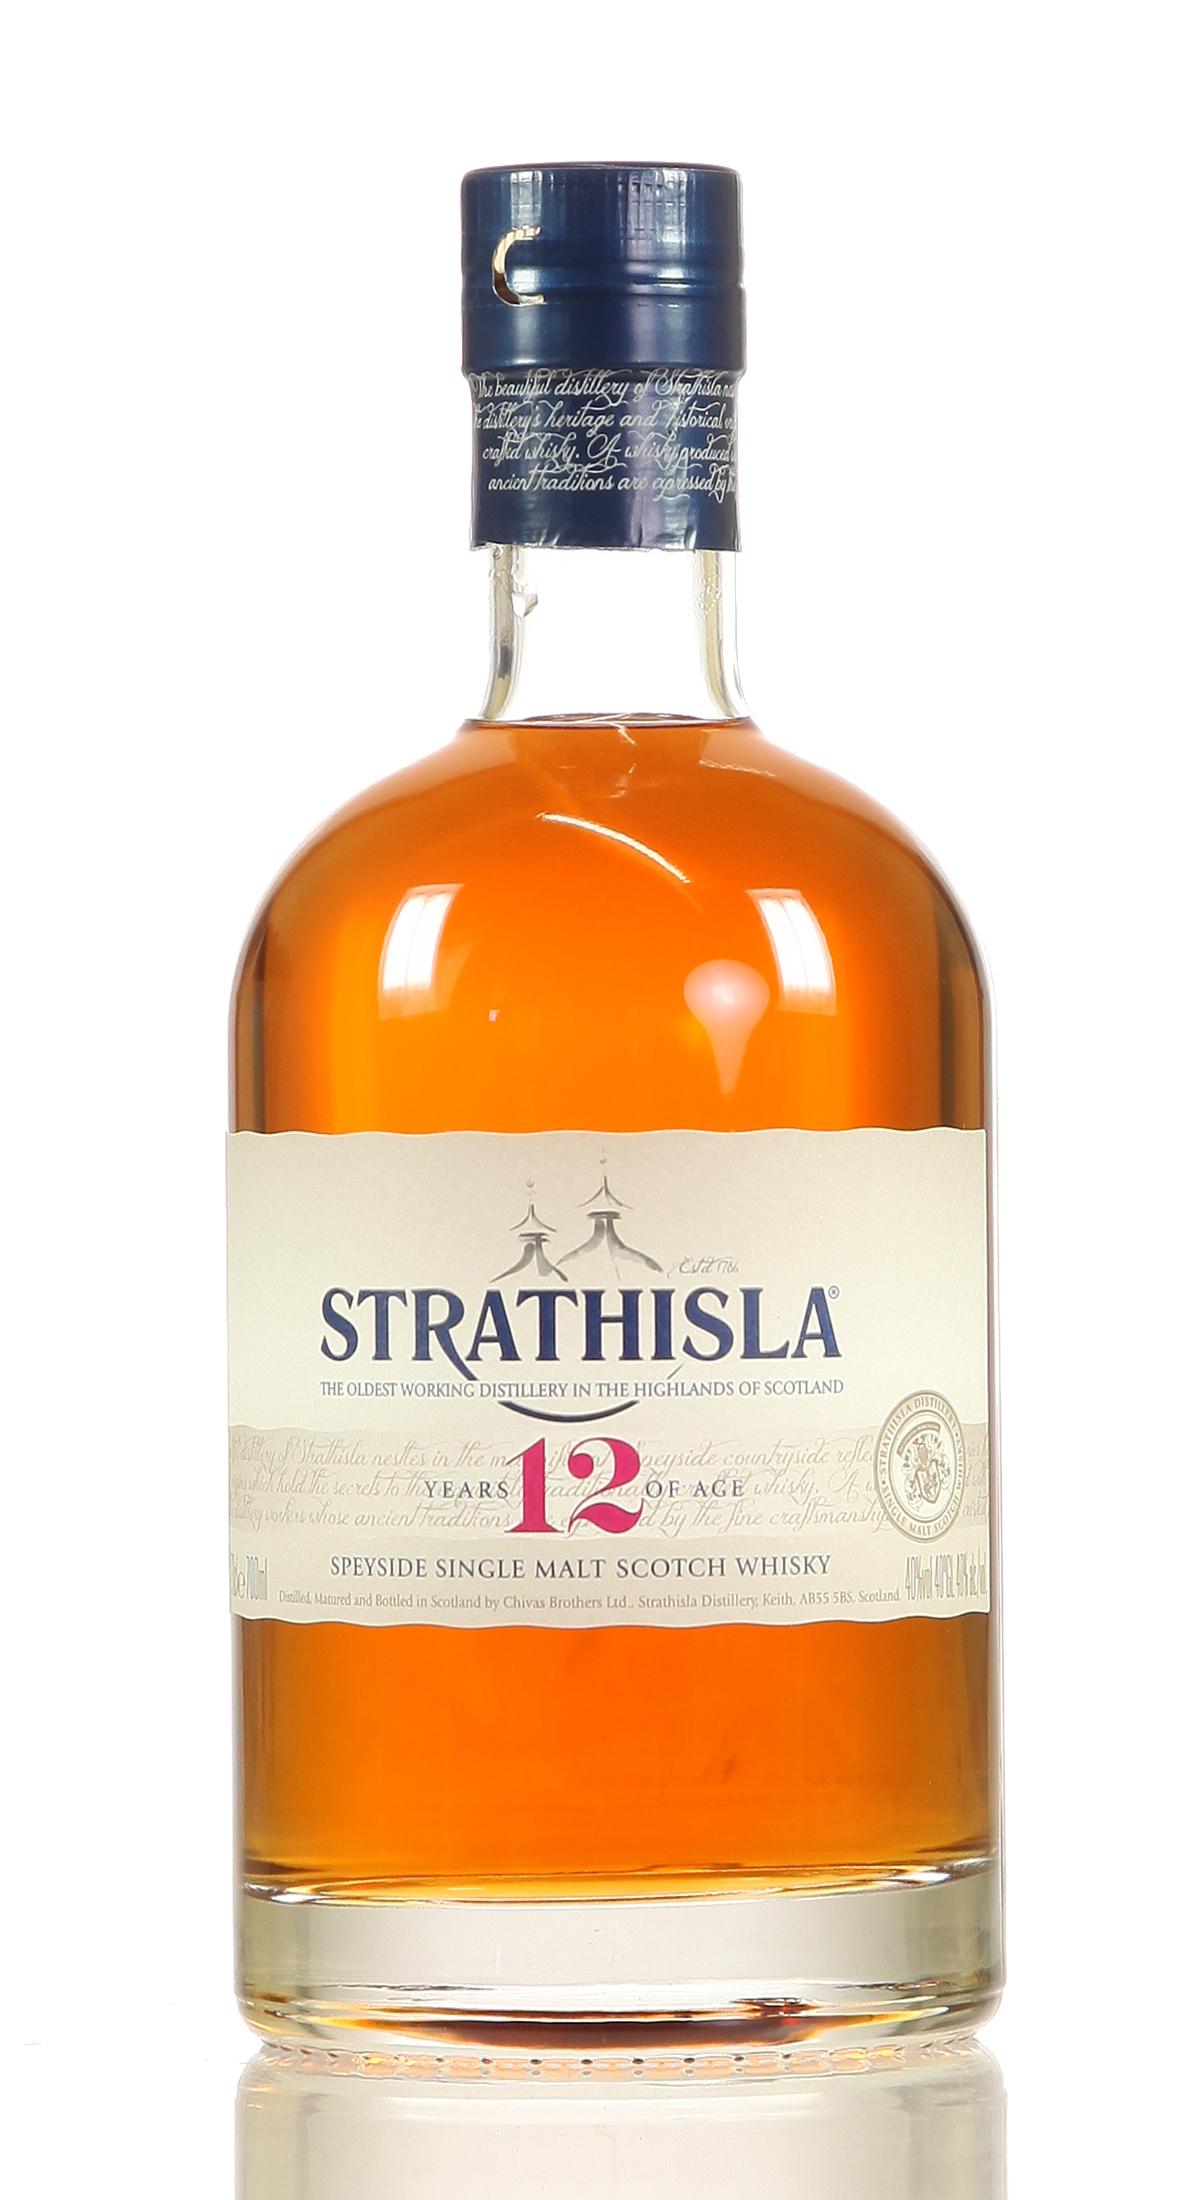 Strathisla